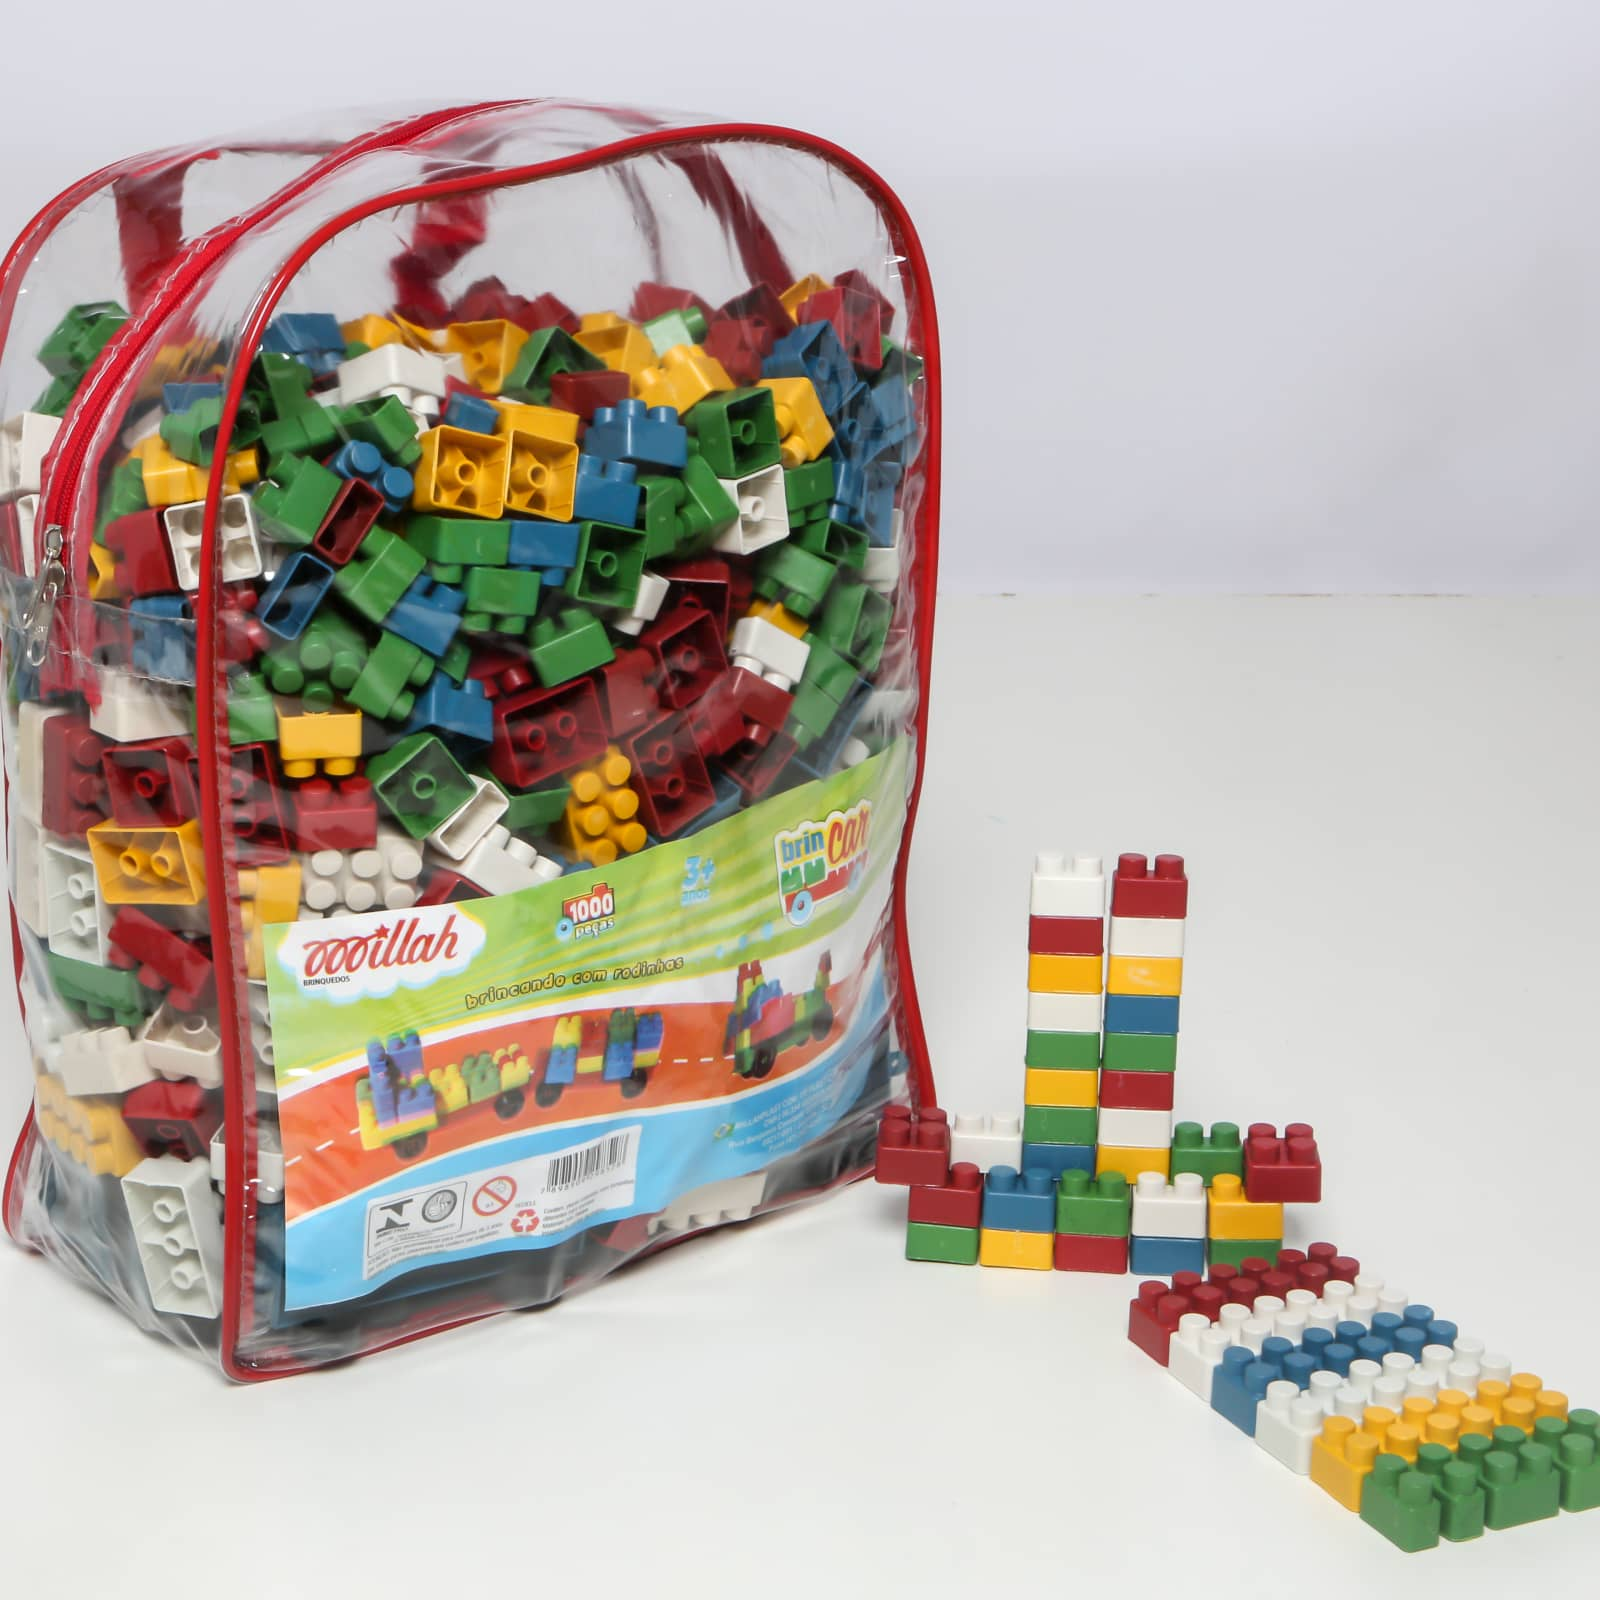 Brincar 1000 peças - Ref 041